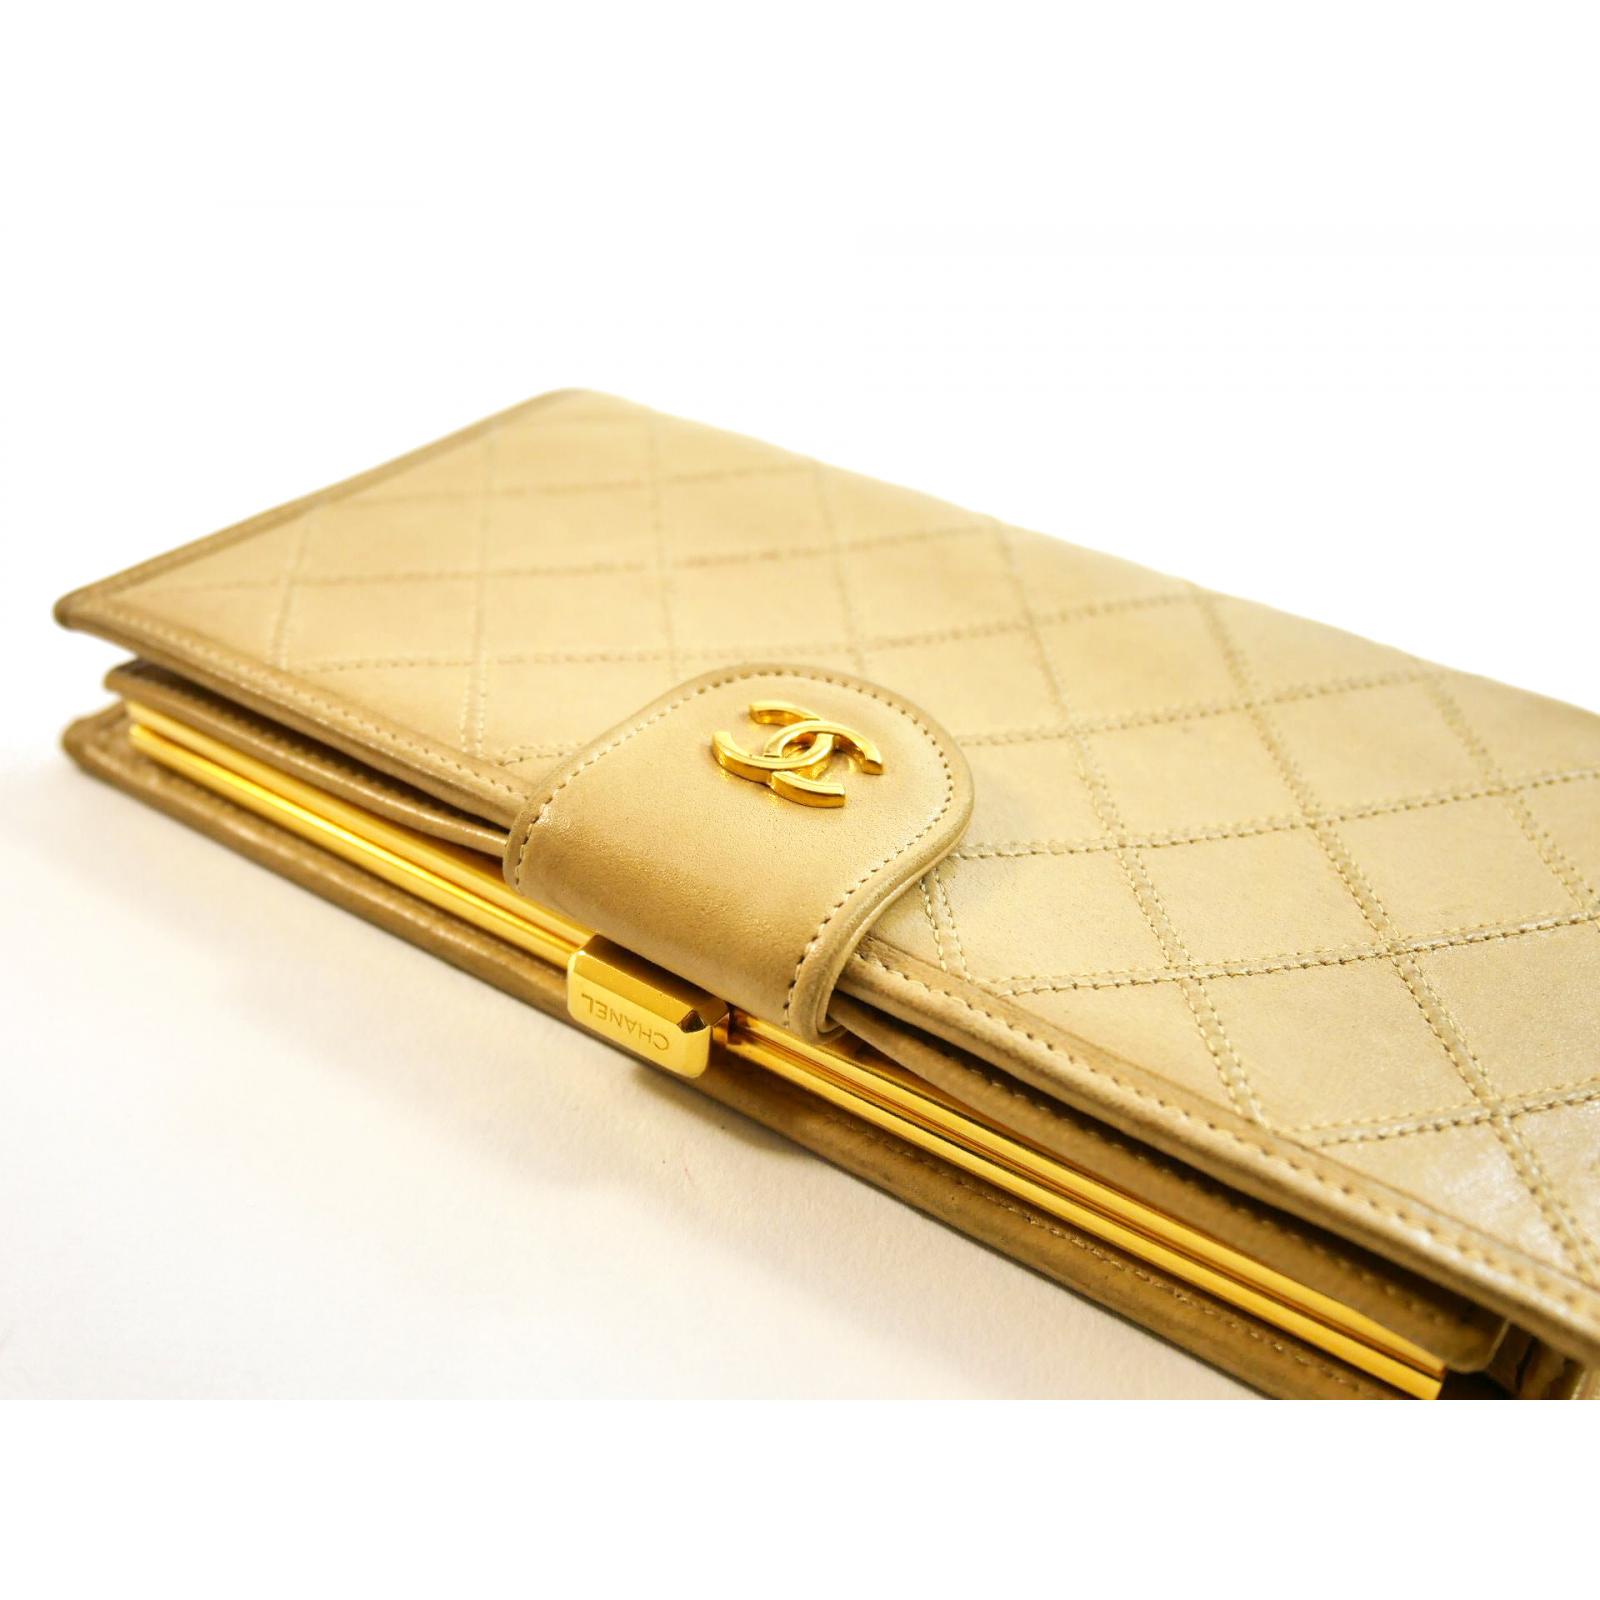 Chanel klasyczny pikowany portfel beżowy ze złotym okuciem